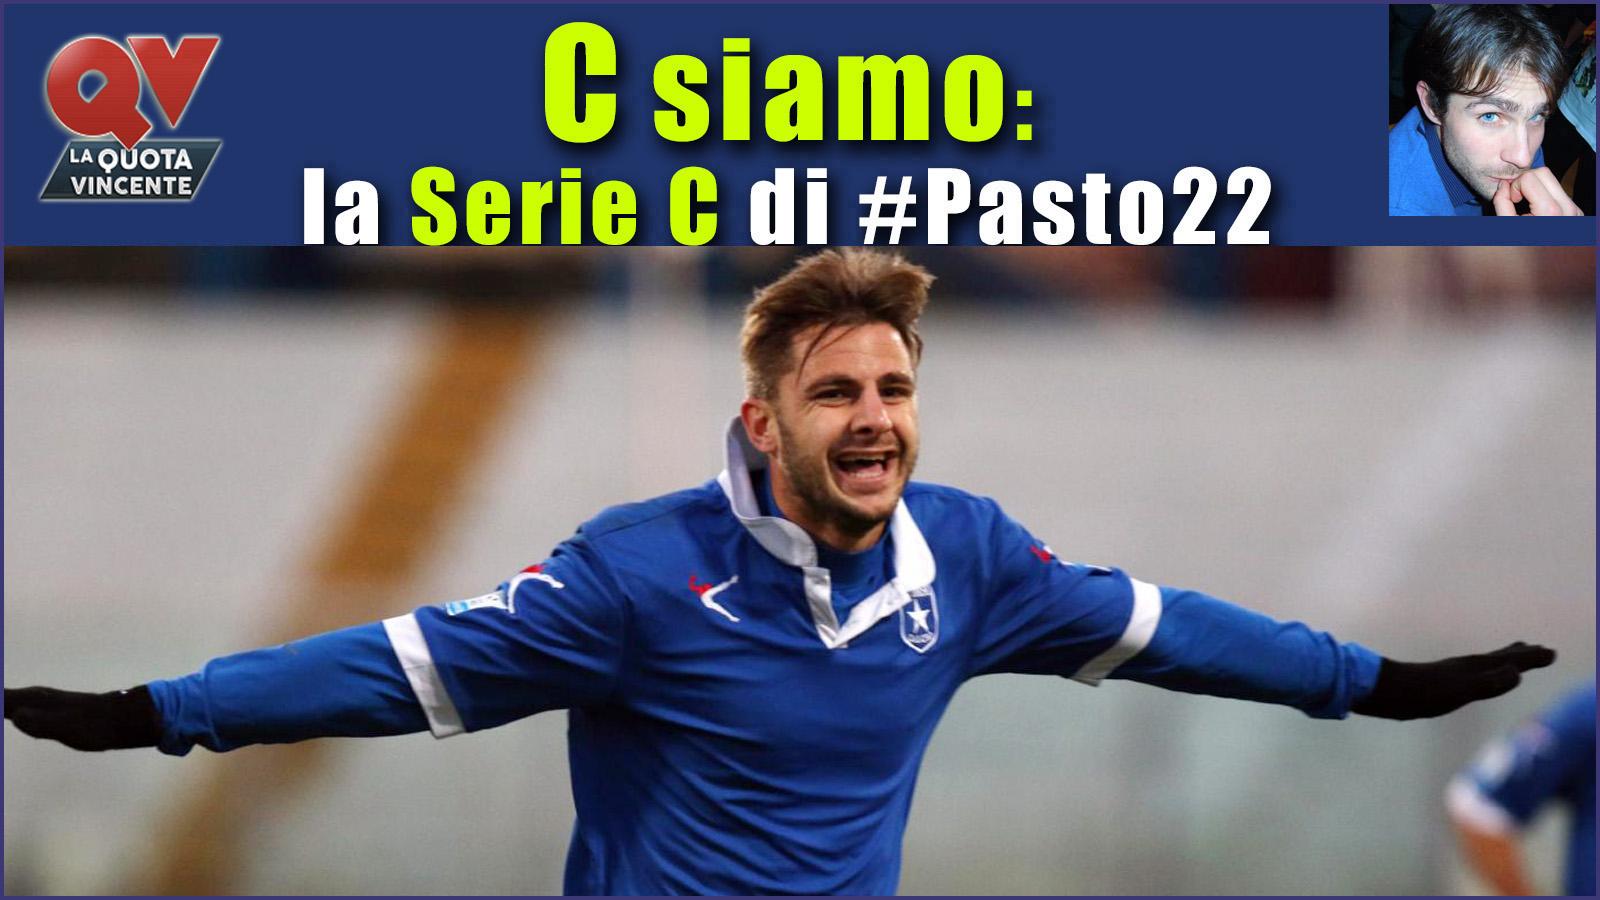 Pronostici Serie C domenica 10 dicembre: #Csiamo, il blog di #Pasto22